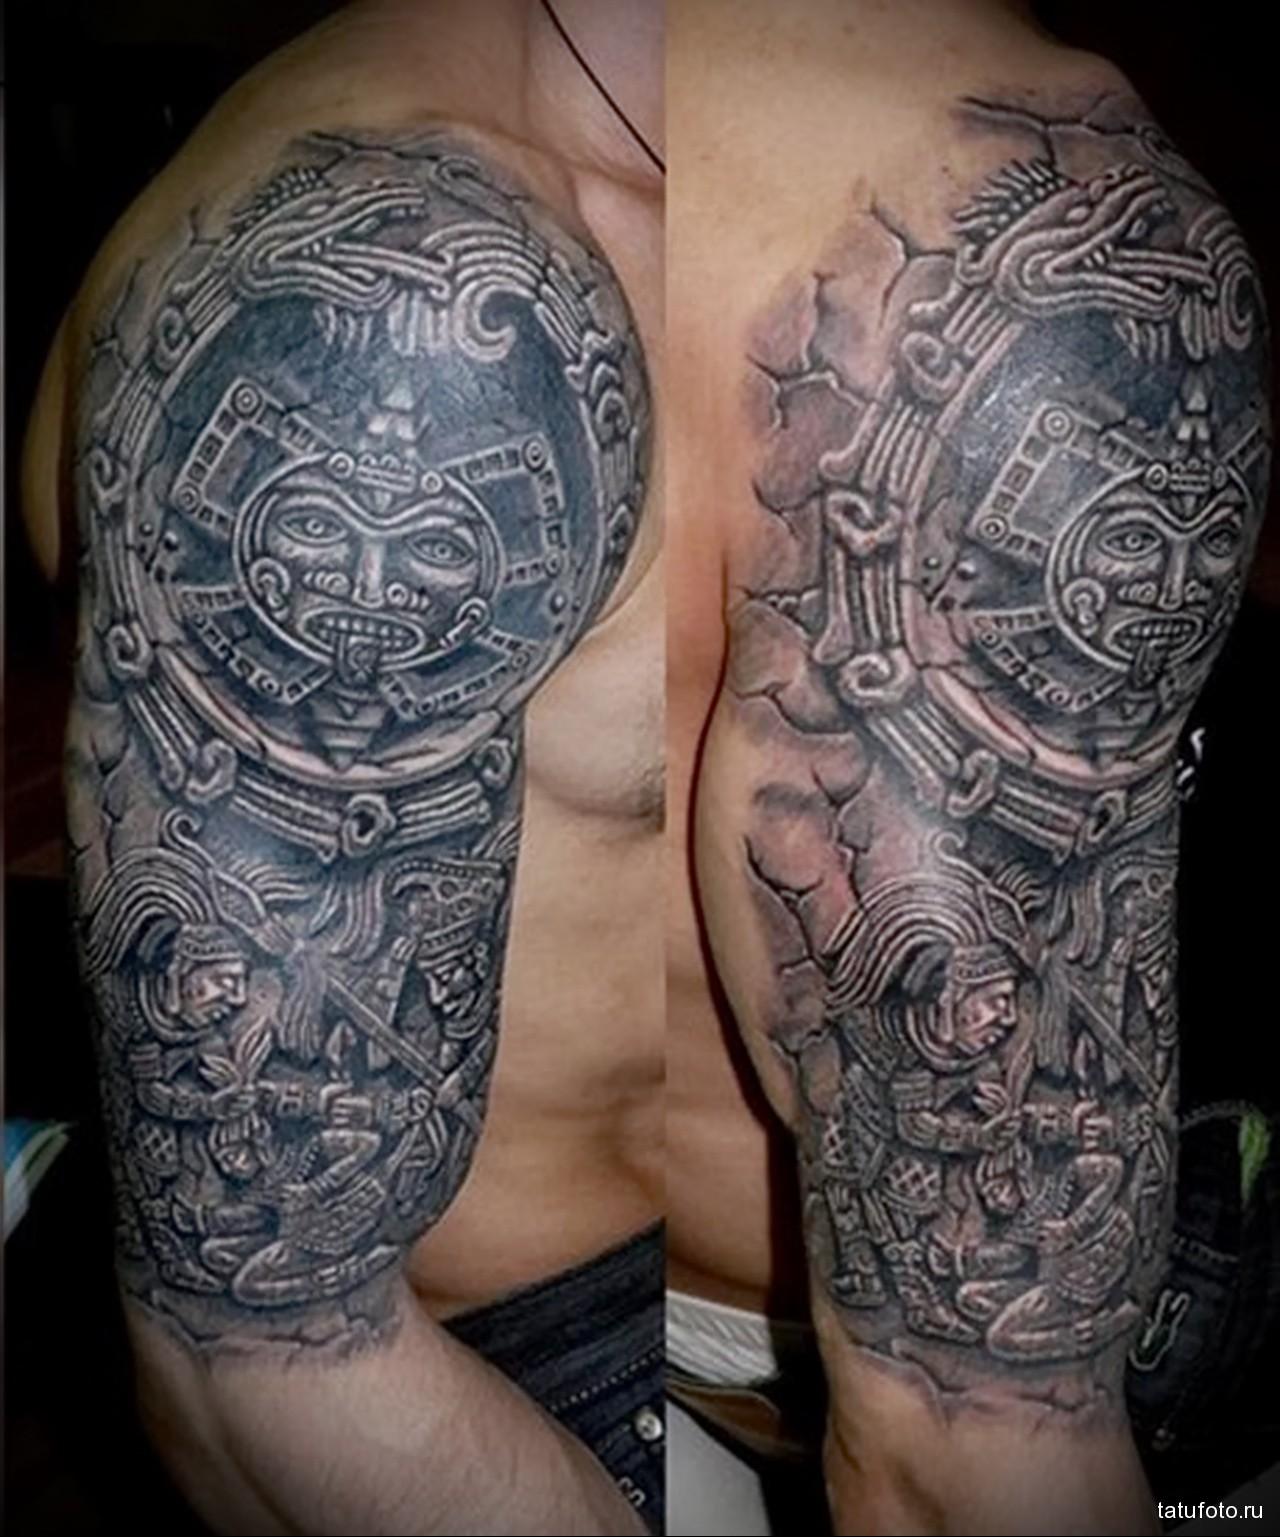 маори символы в тату - мужская татуировка на плече